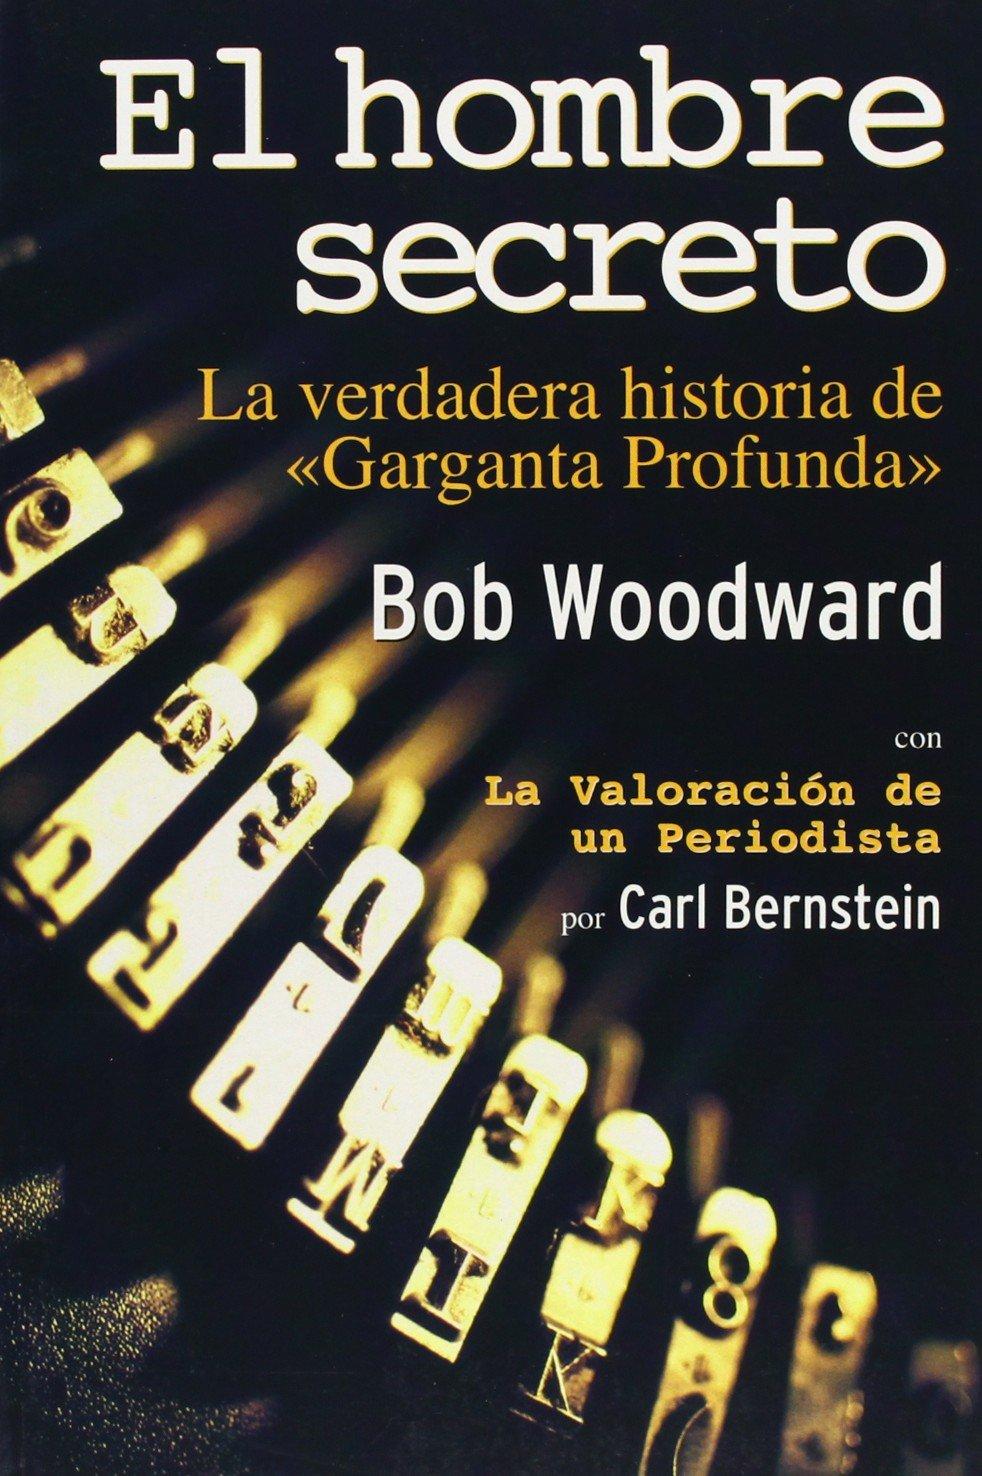 El Hombre Secreto (Spanish Edition) by Inedita Ediciones